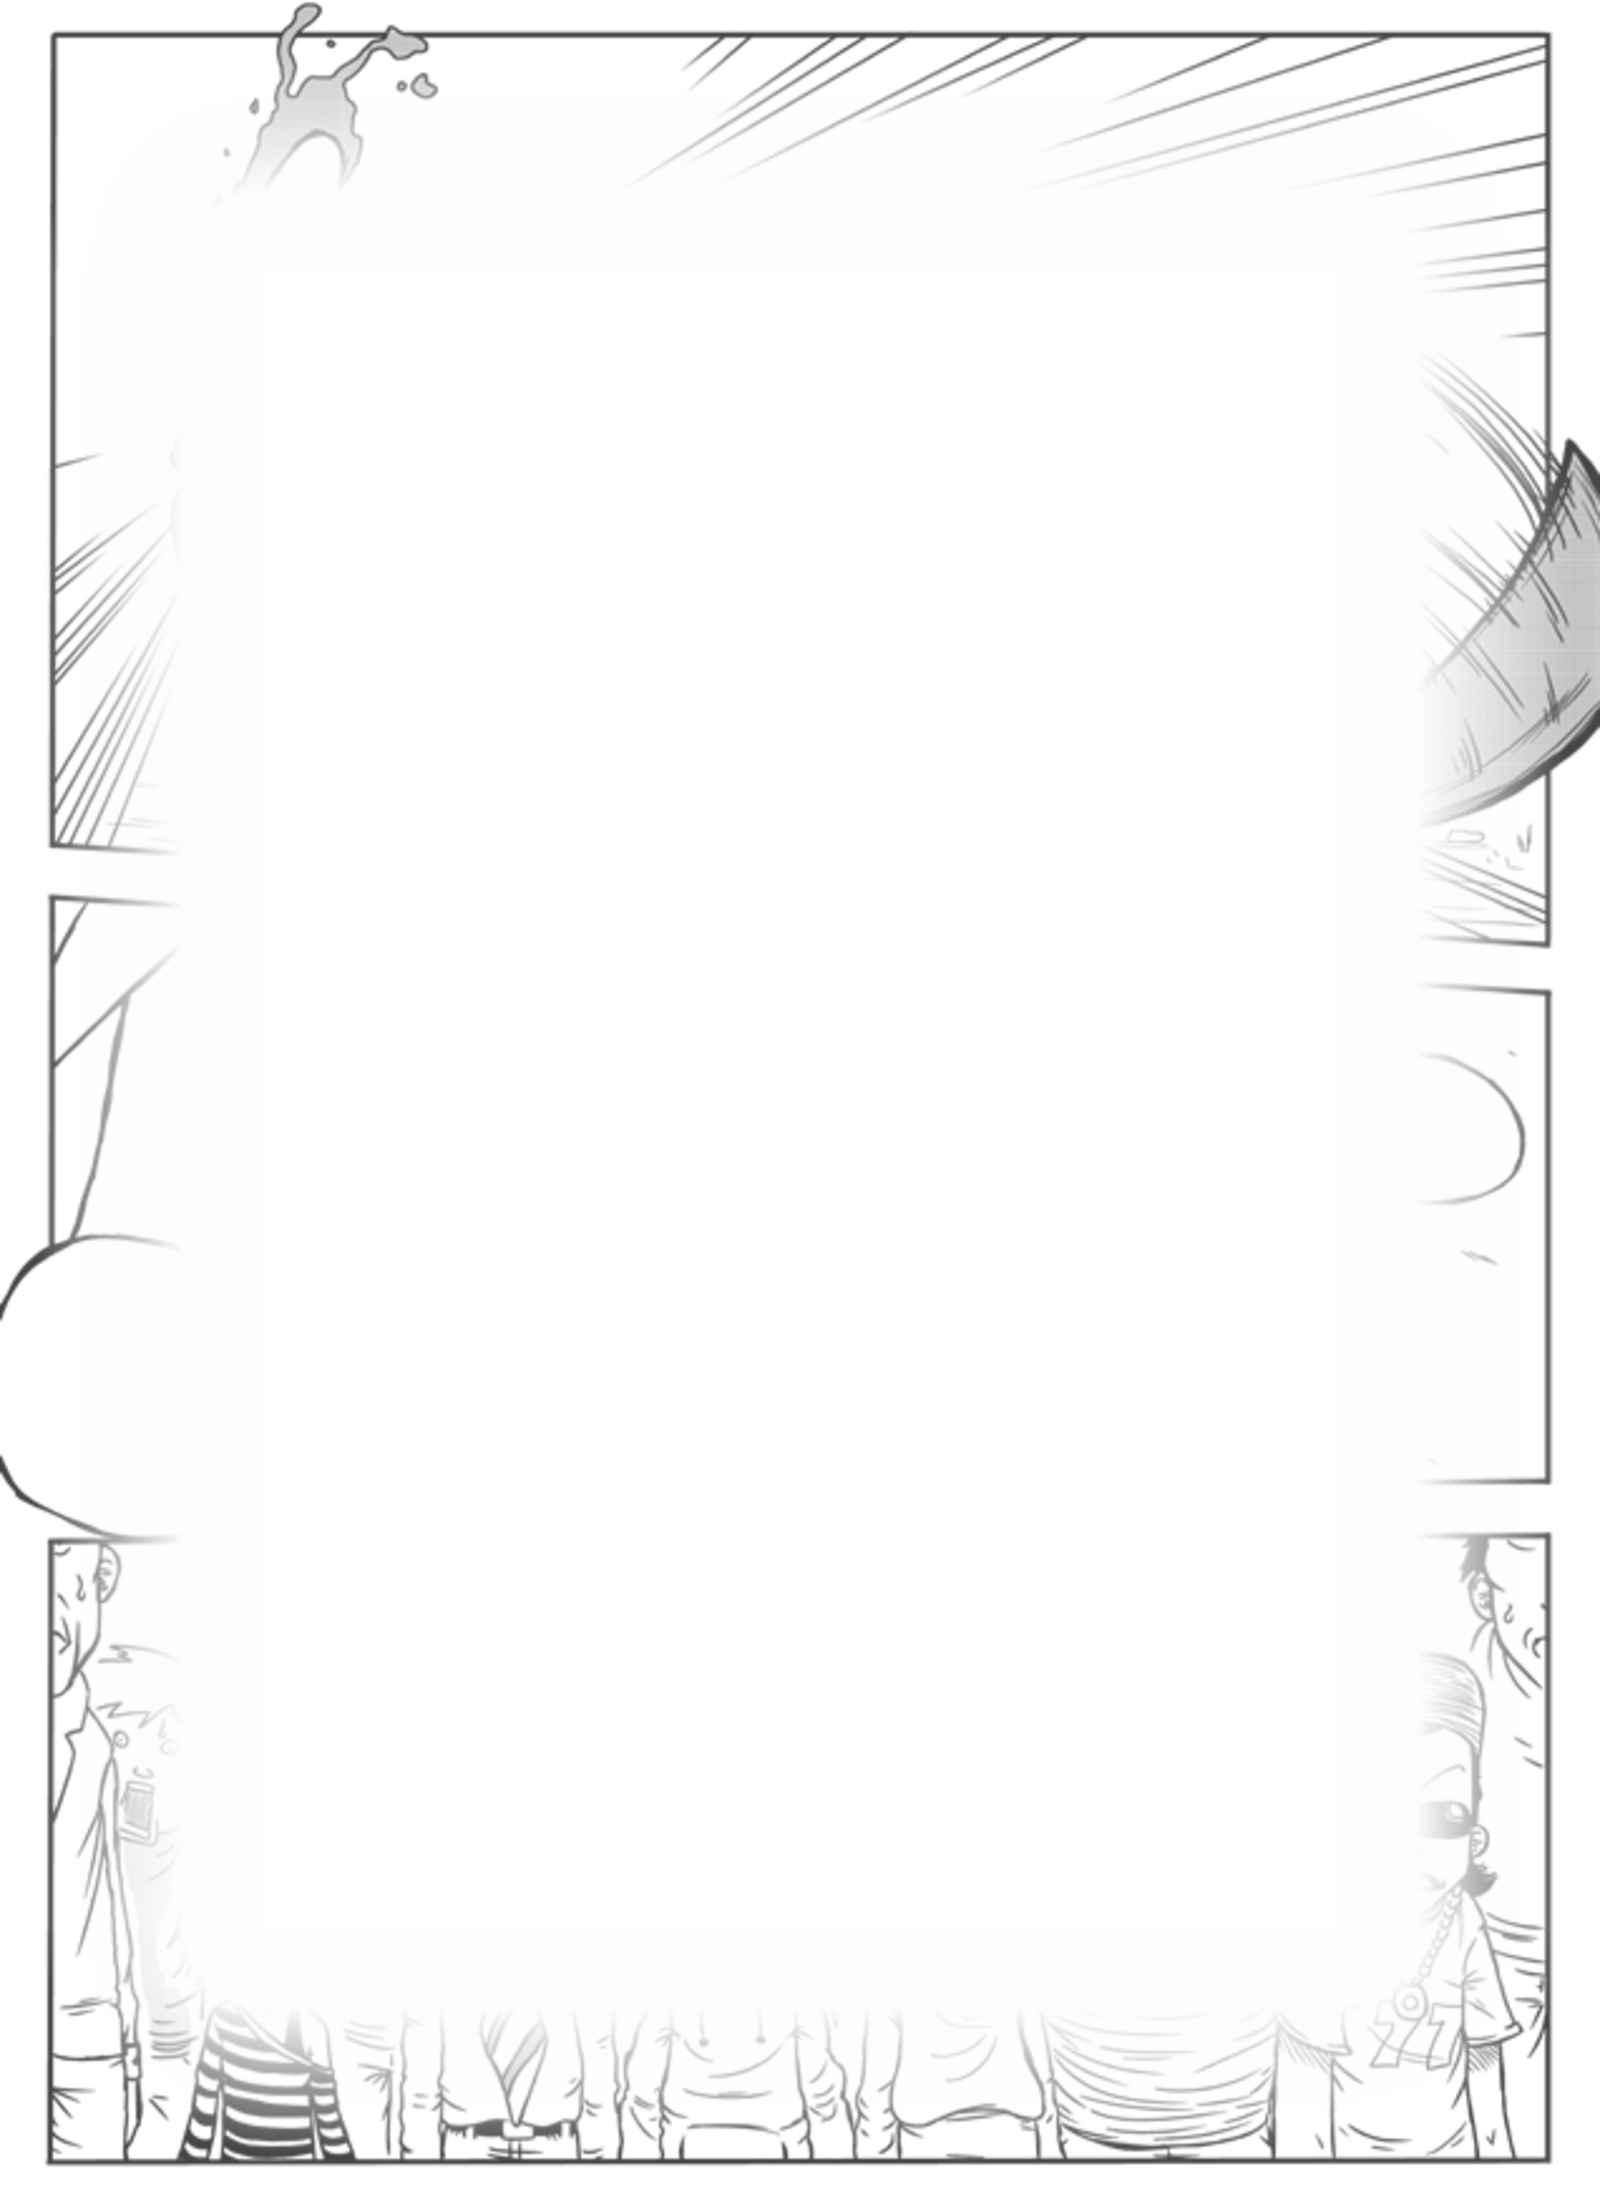 フード・アタック : チャプター 1 ページ 19